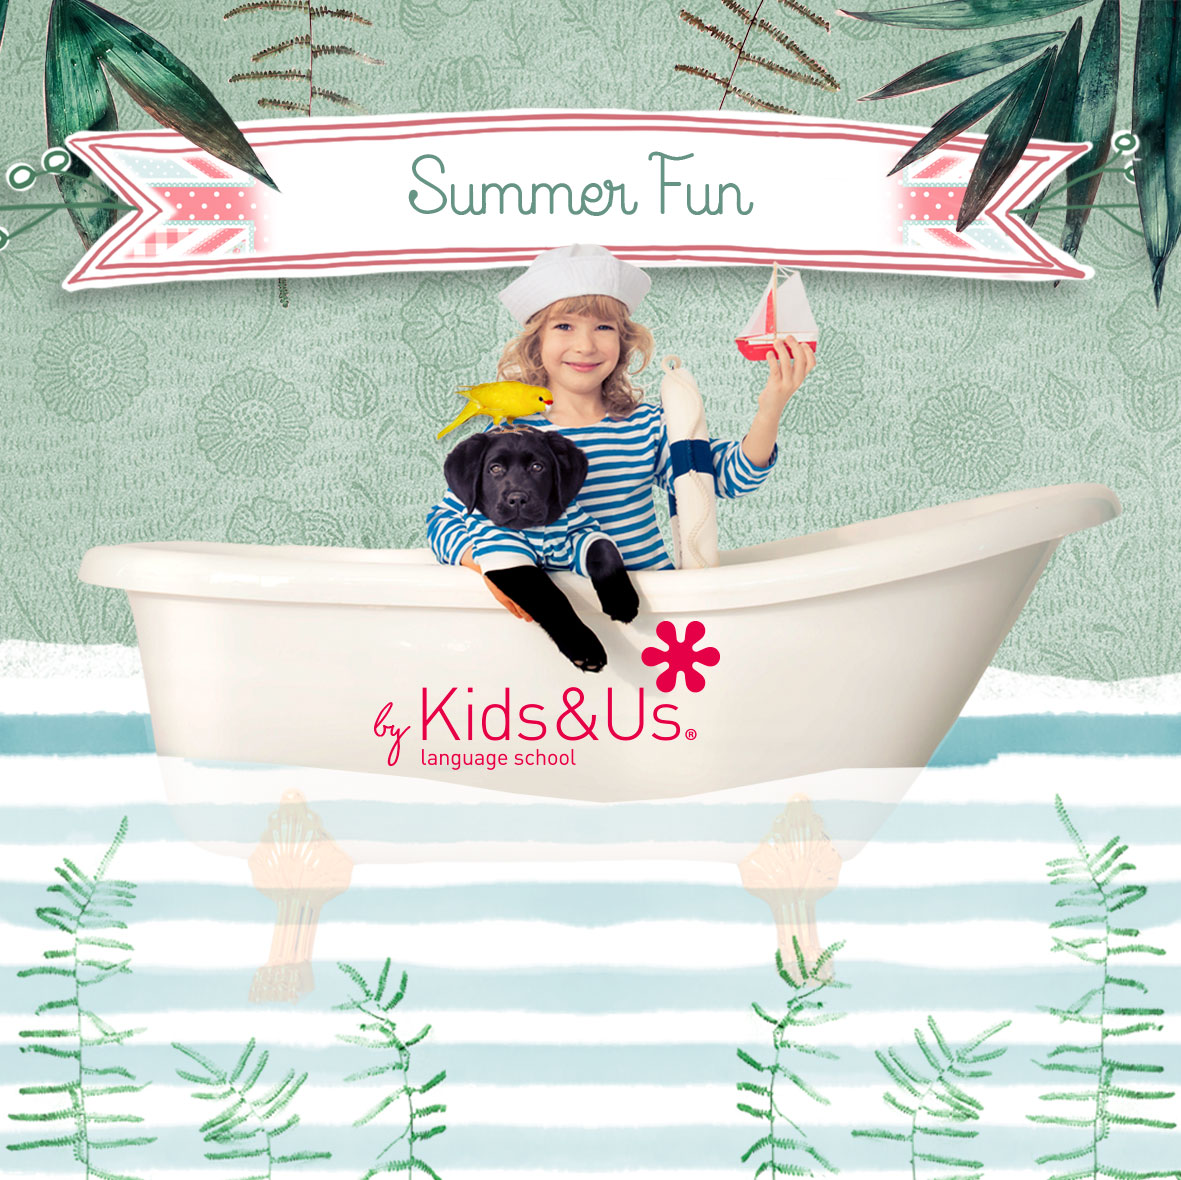 SummerFun 1181×1180